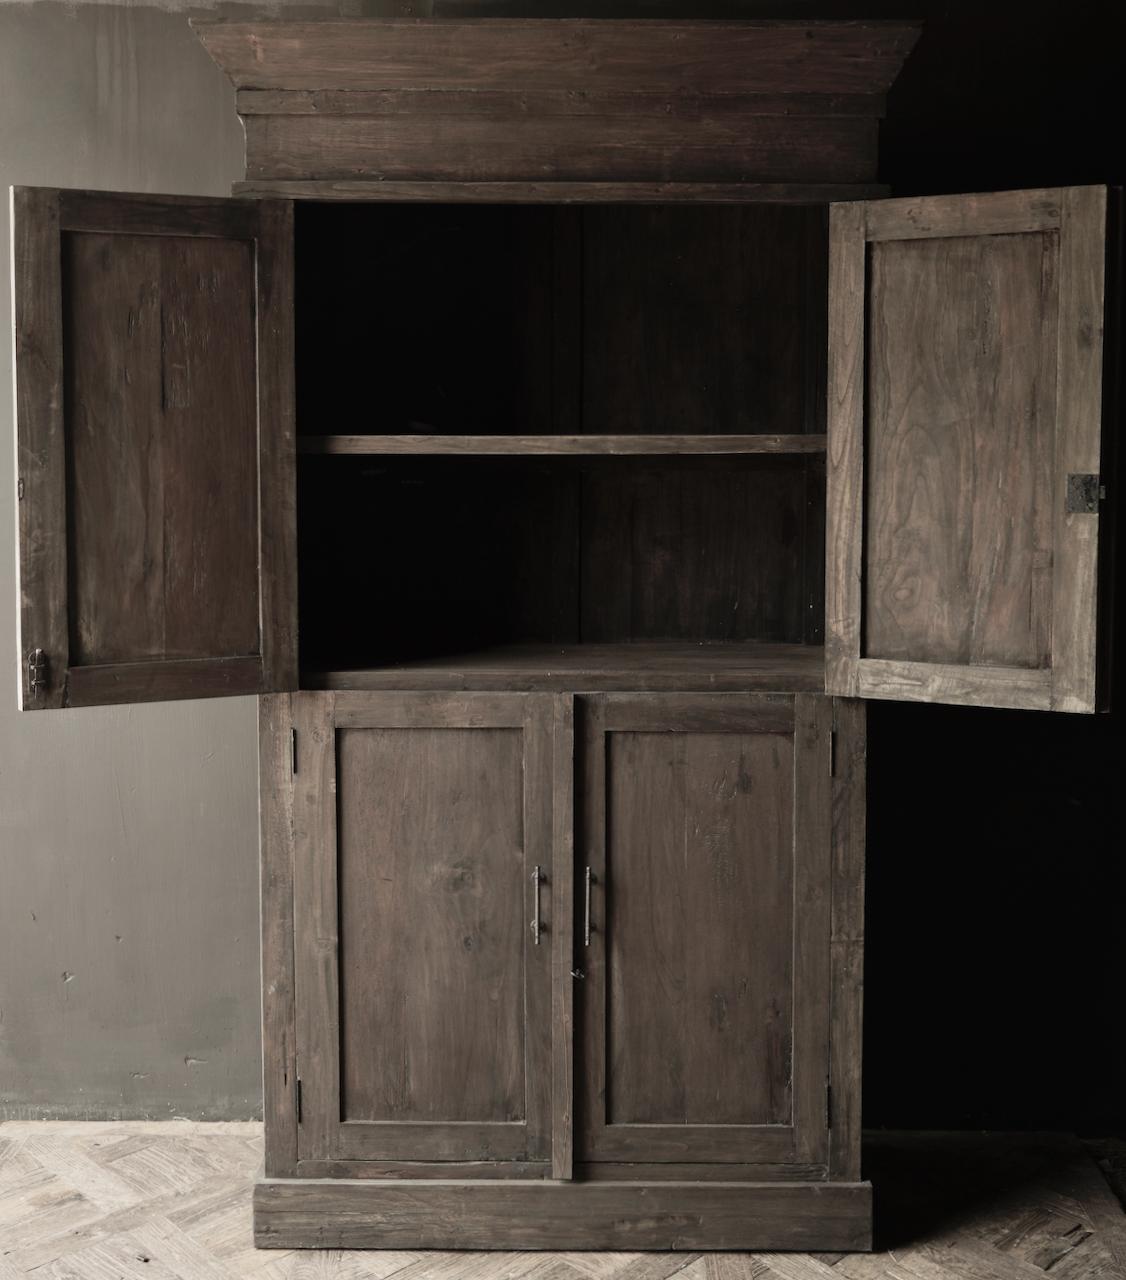 Schöner Tough Rural alter Holzschrank vier Türen-7